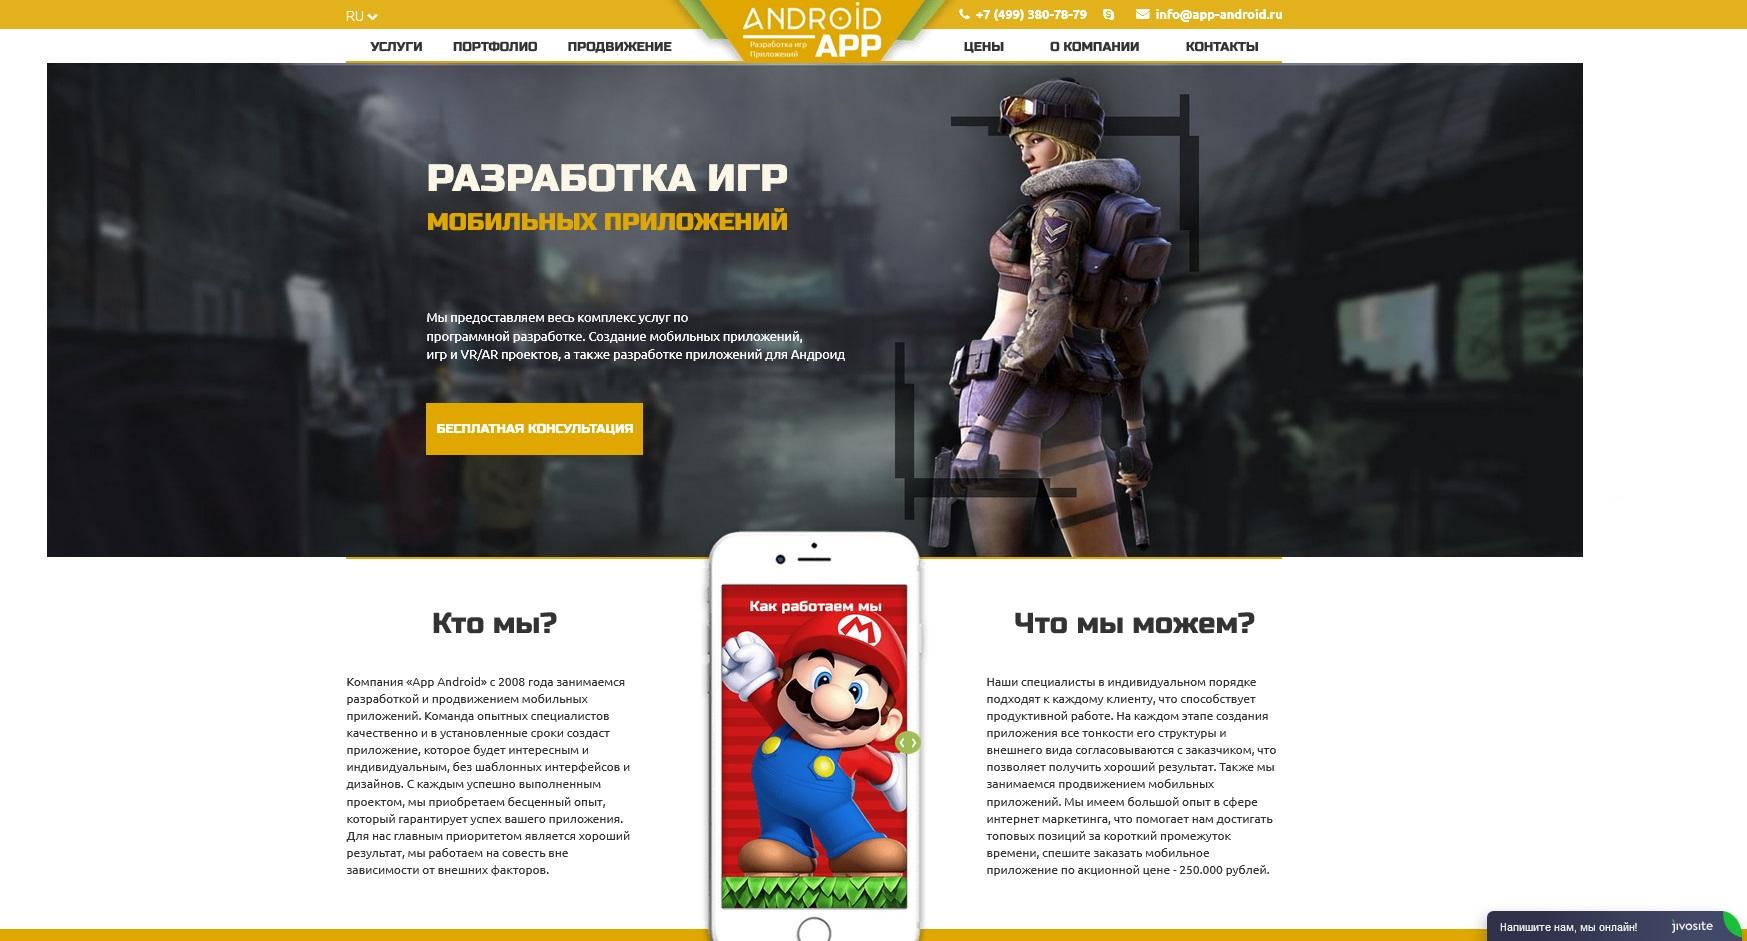 Заглавный баннер сайта